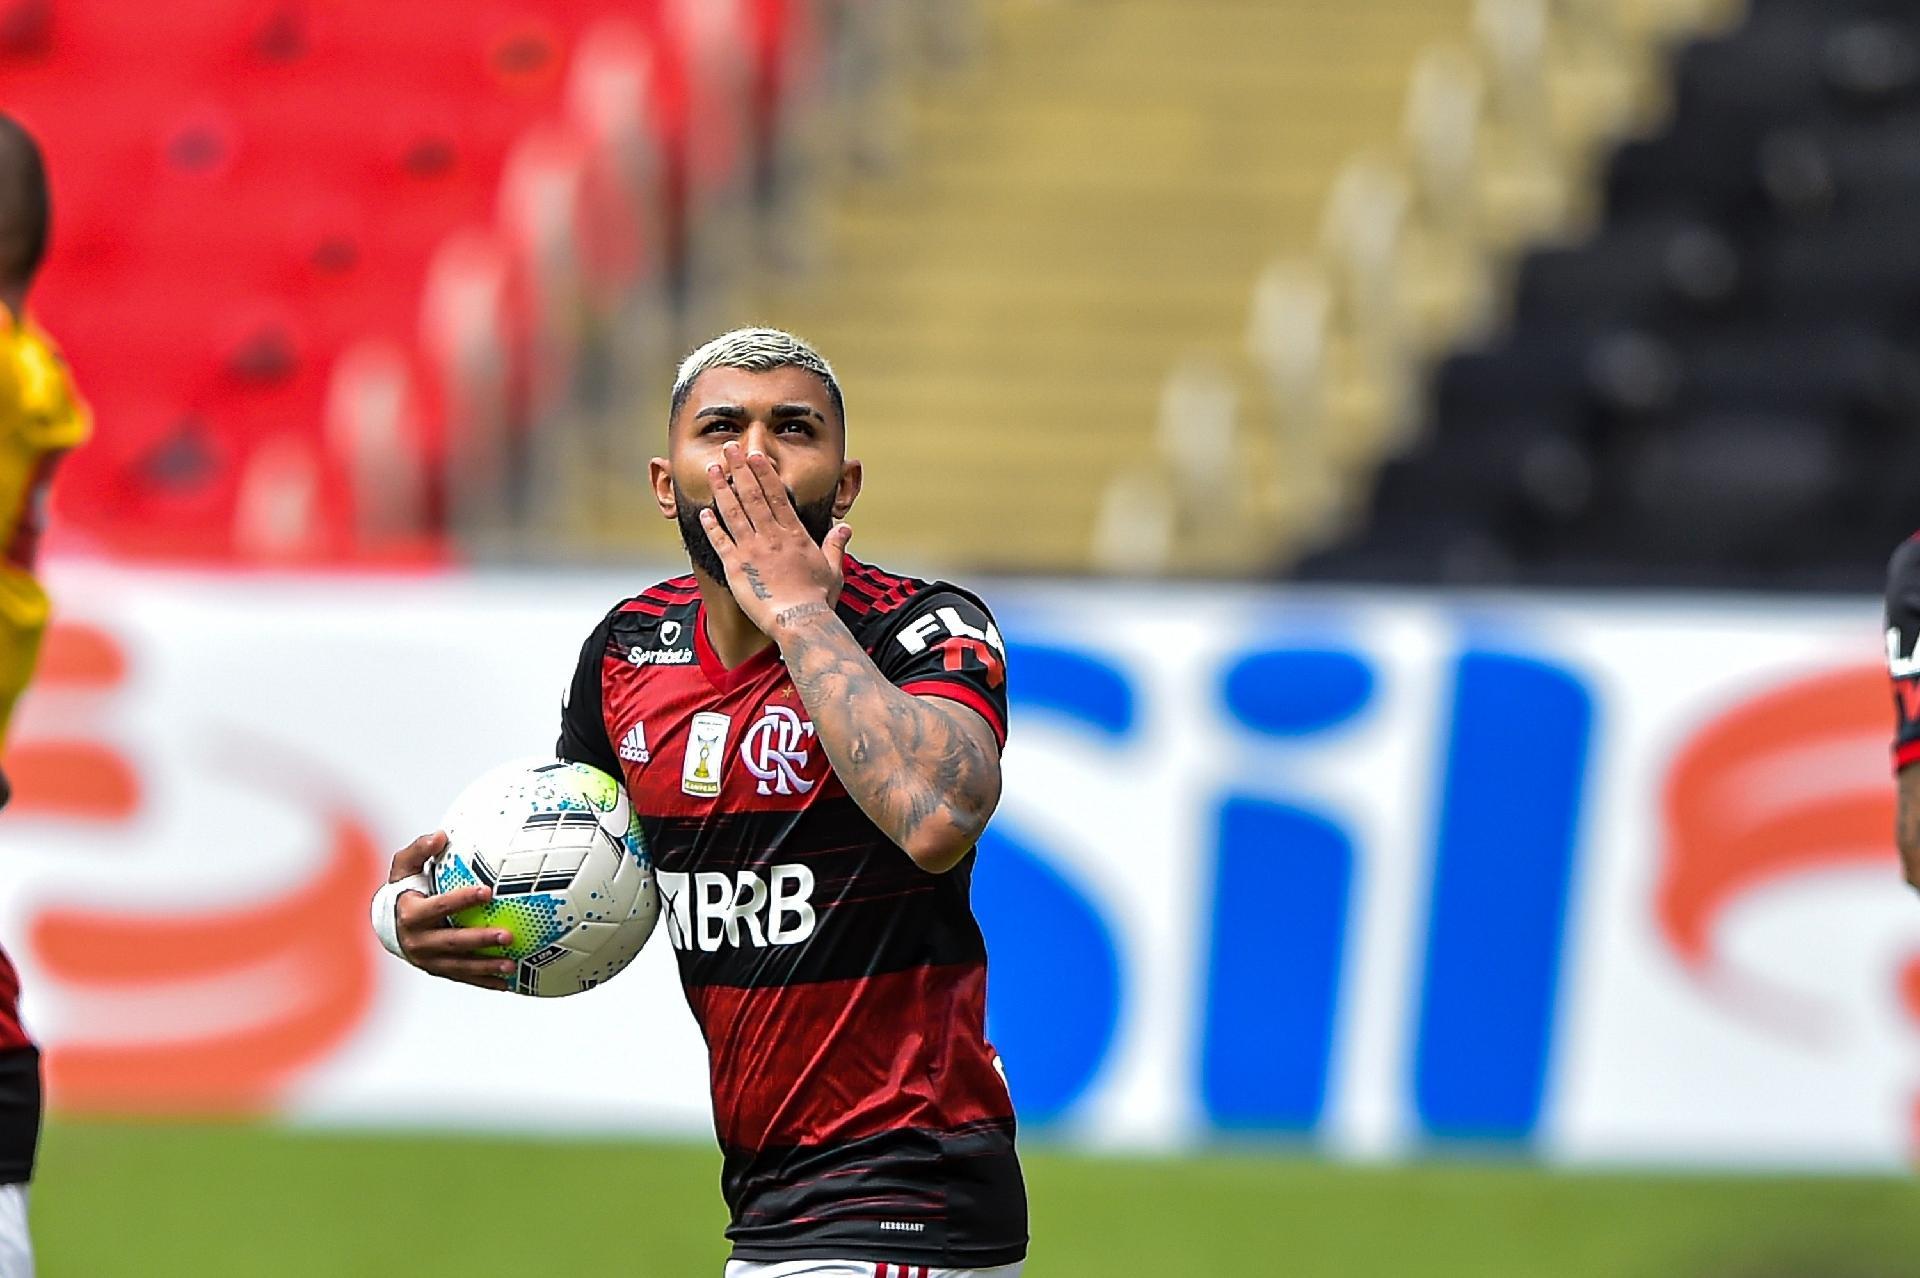 Jogadores brasileiros de futebol são ocos por dentro, diz jornalista